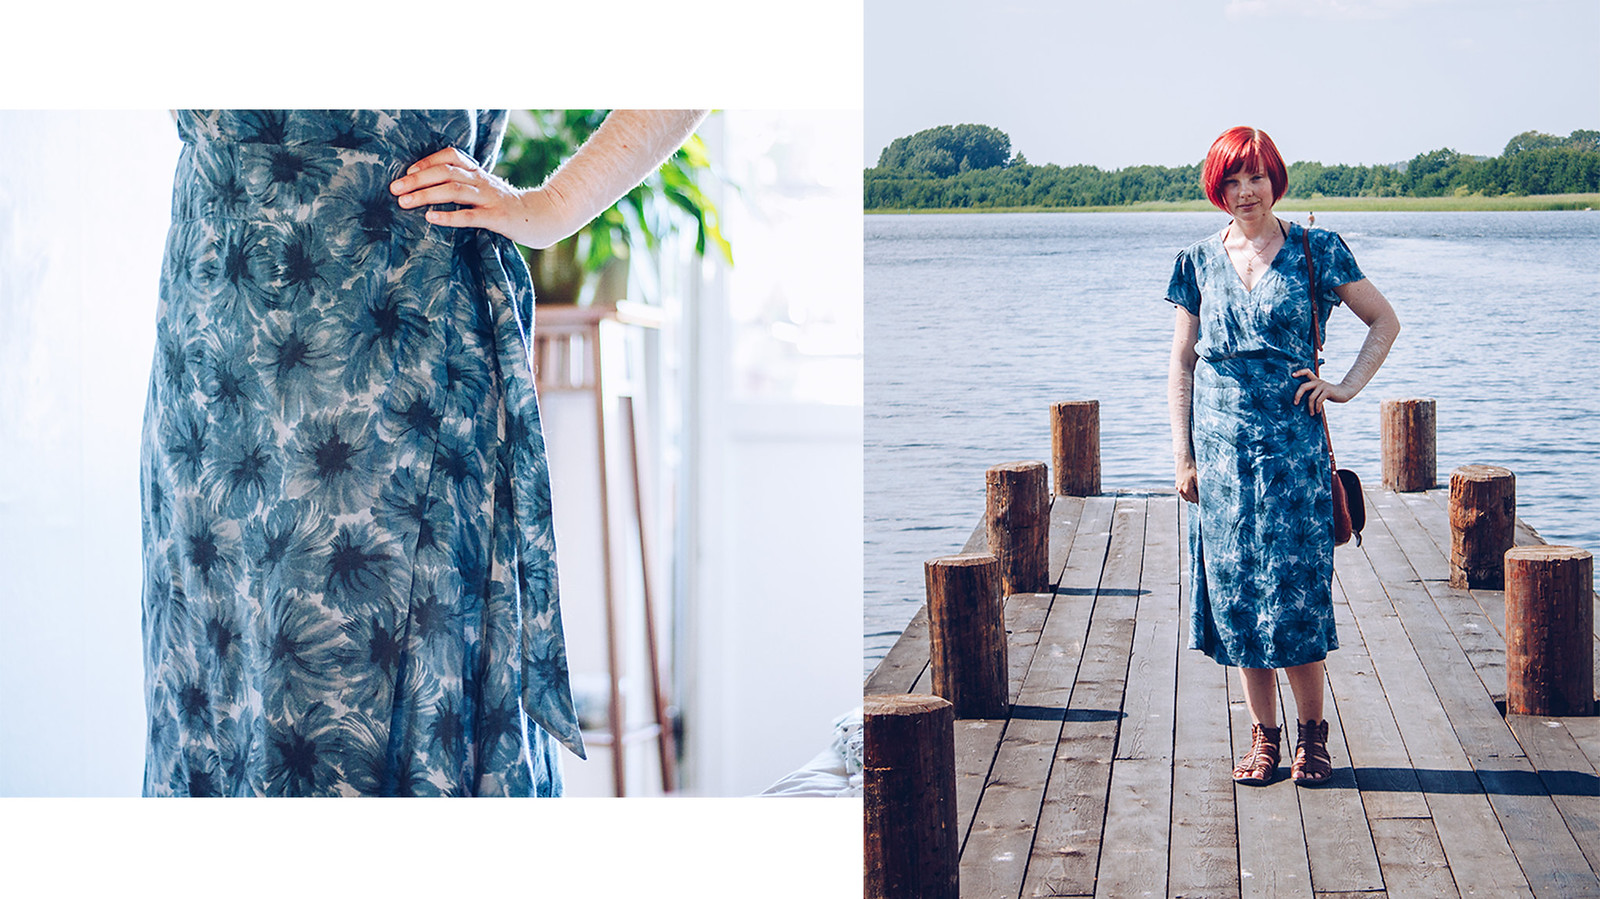 DIY sy om omlottklänning sybingo2018 - reaktionista.se